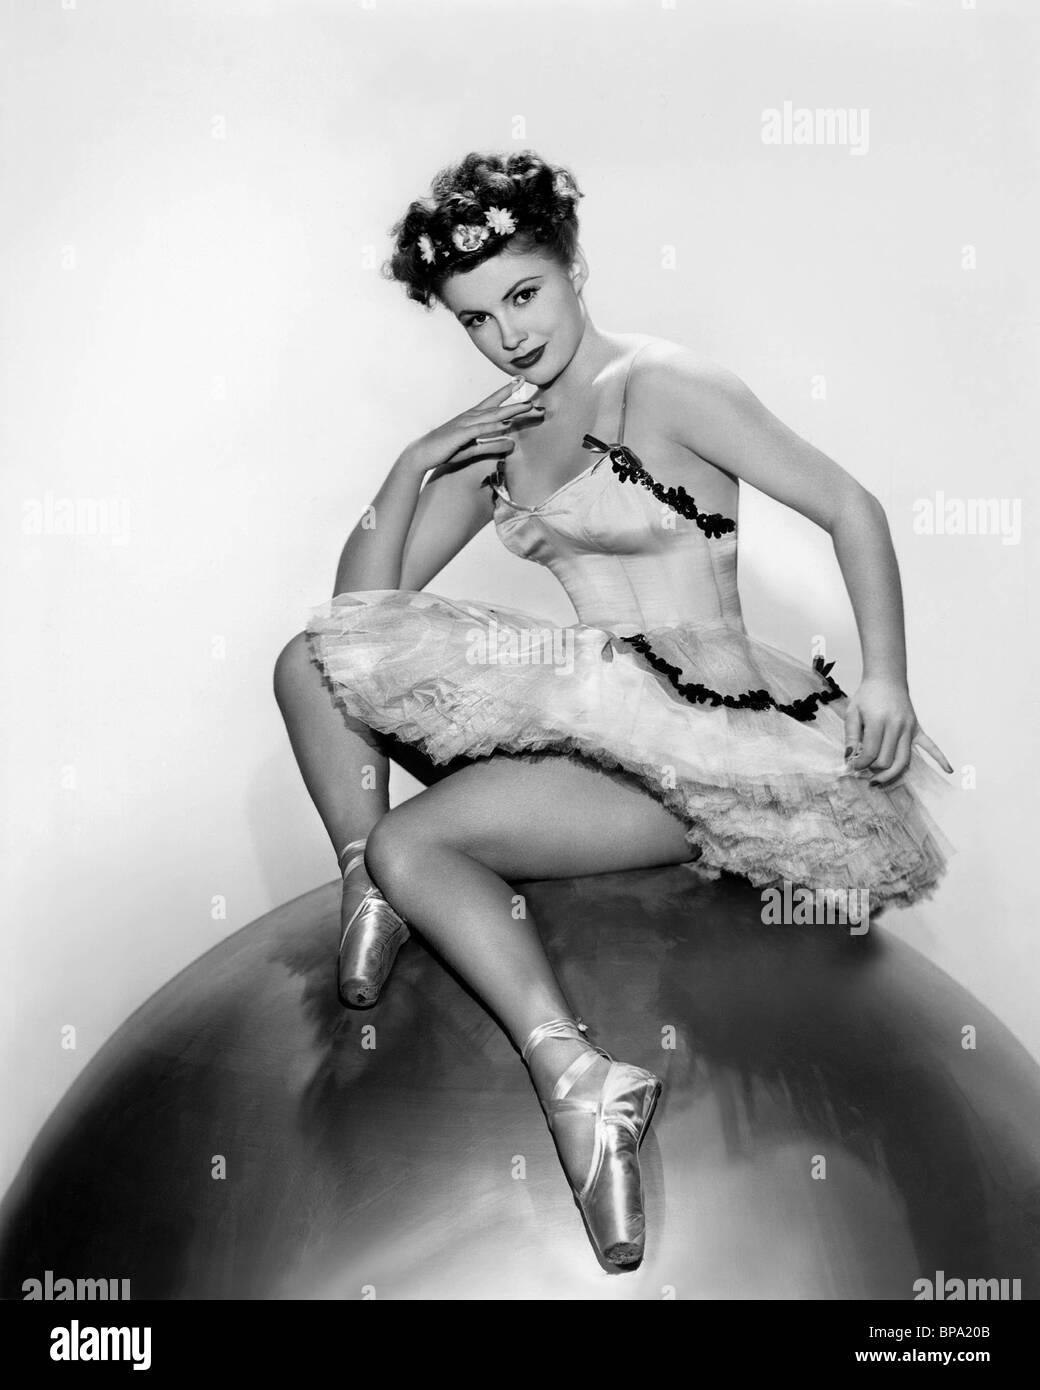 JOAN LESLIE PUBLICITY SHOT CINDERELLA JONES (1946) - Stock Image